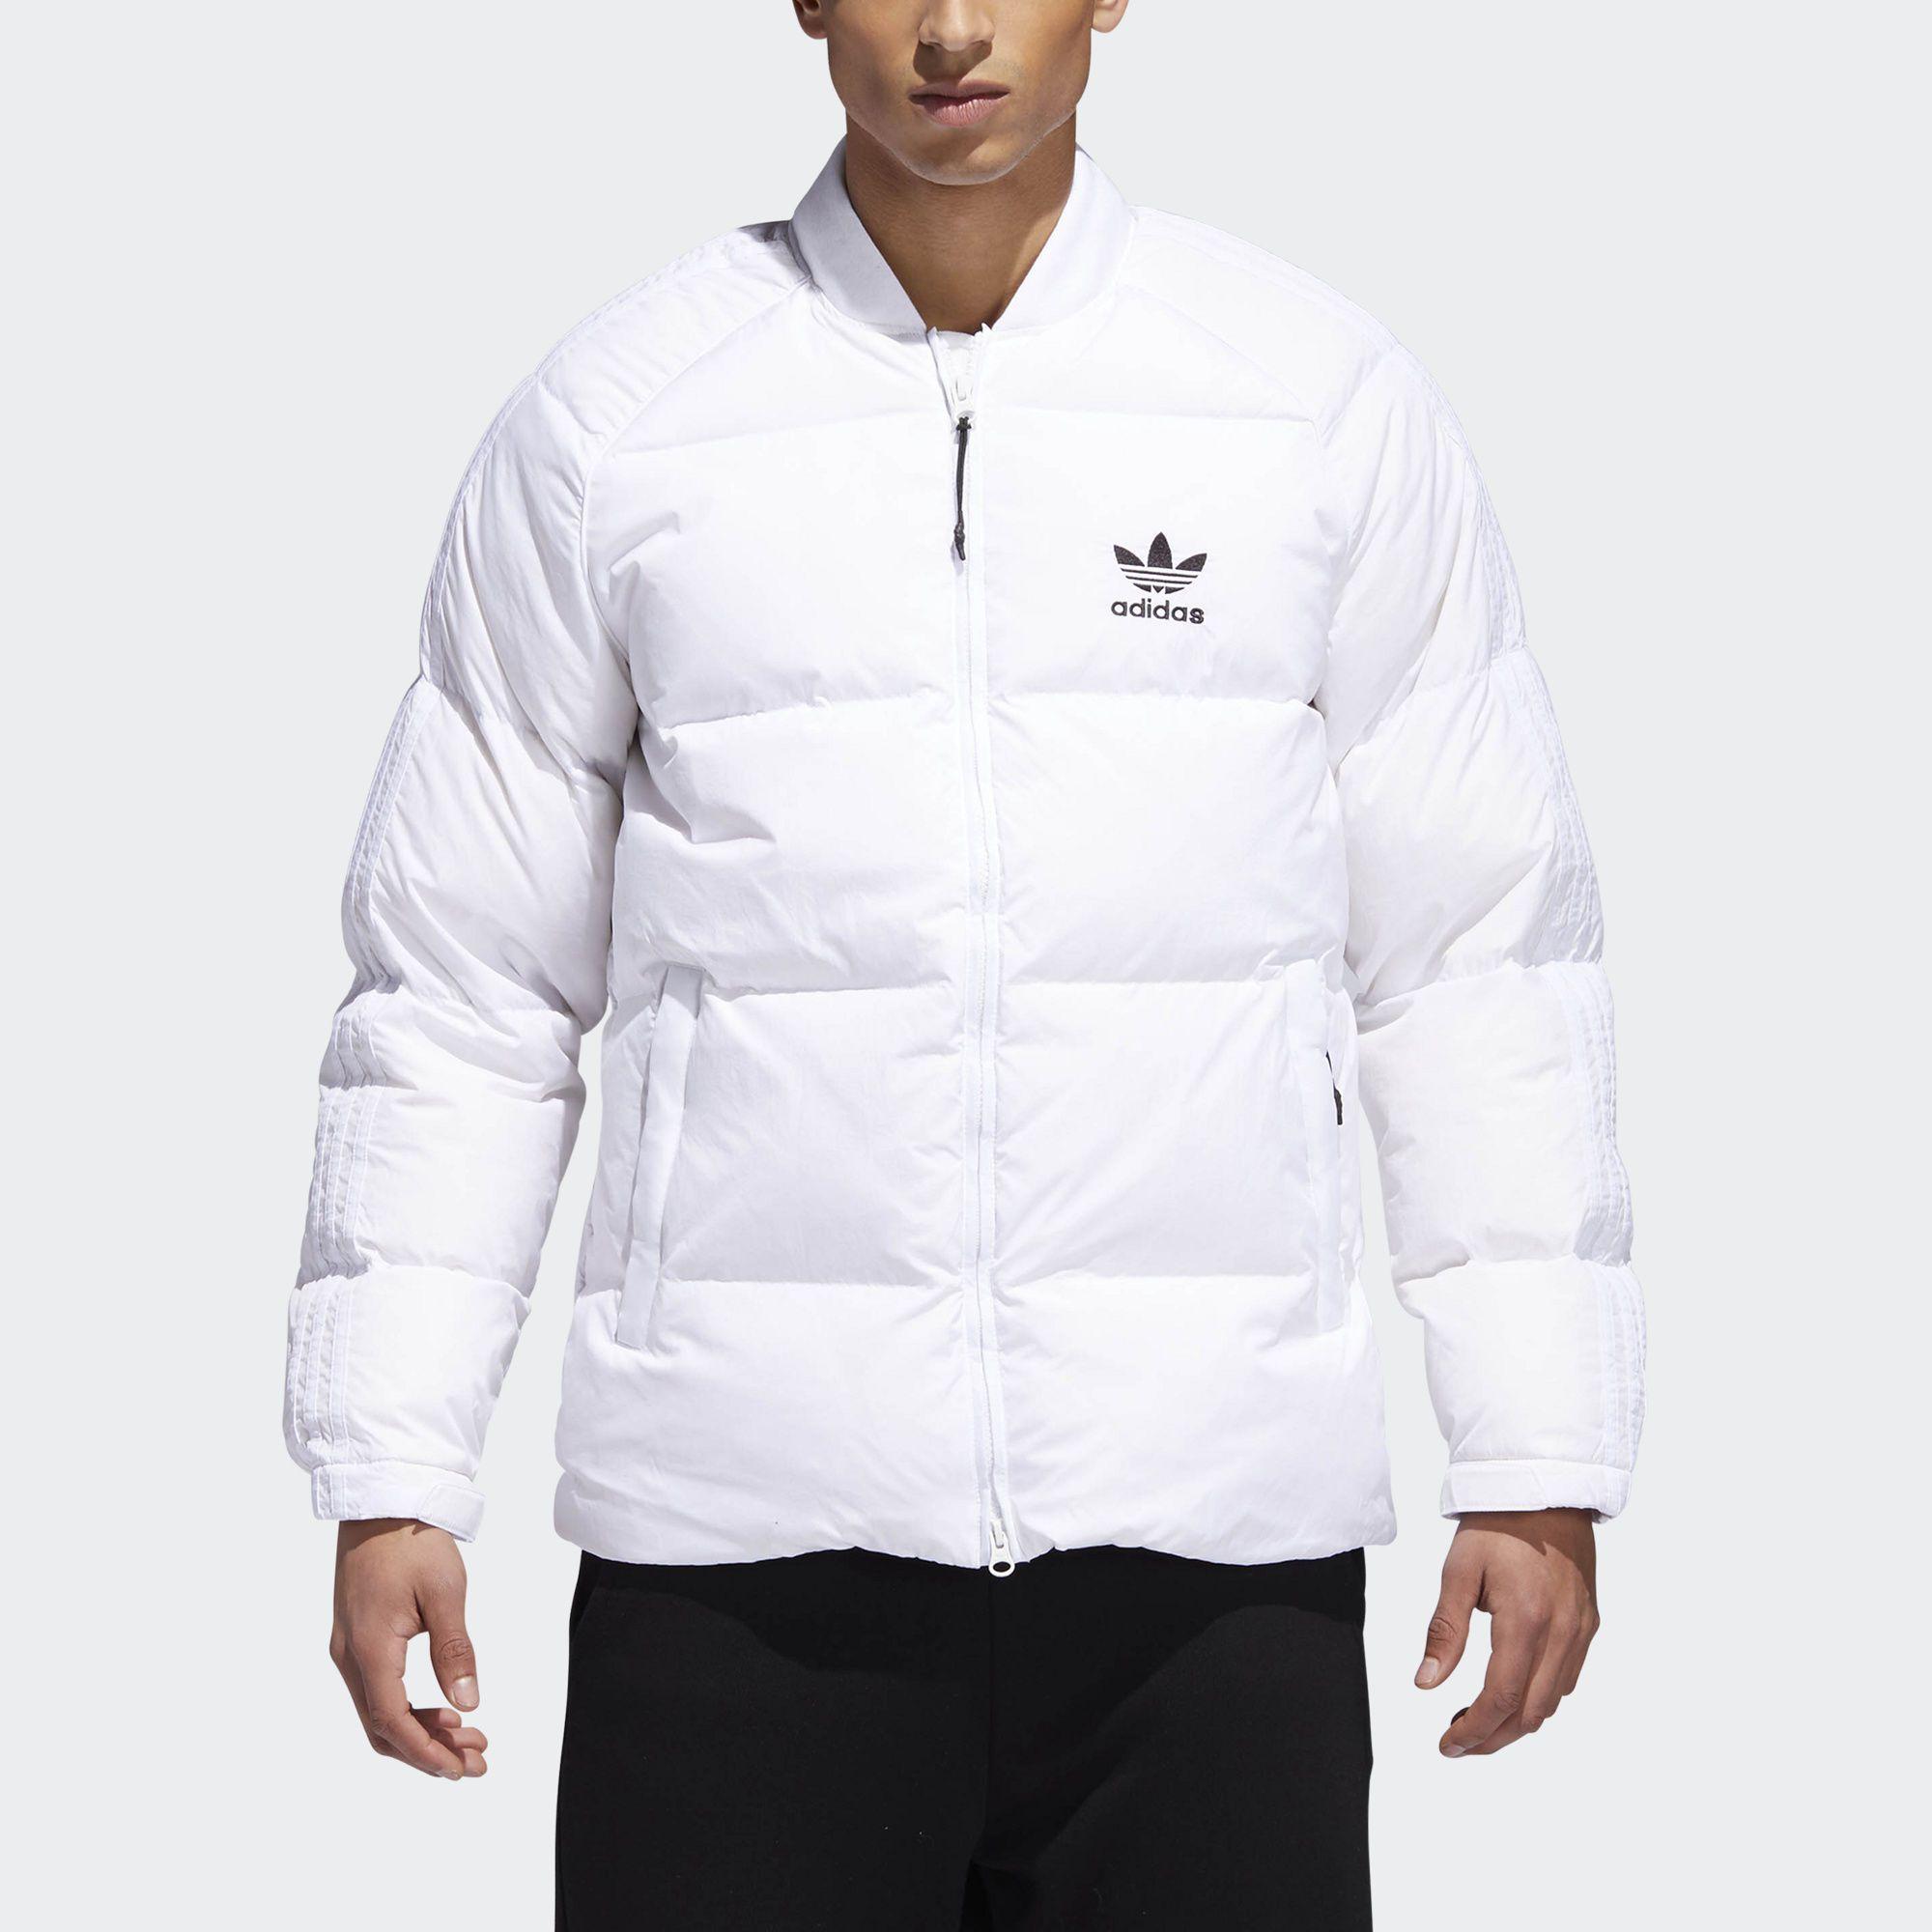 Пуховик SST Heavy adidas Originals | Пуховики, Куртка и